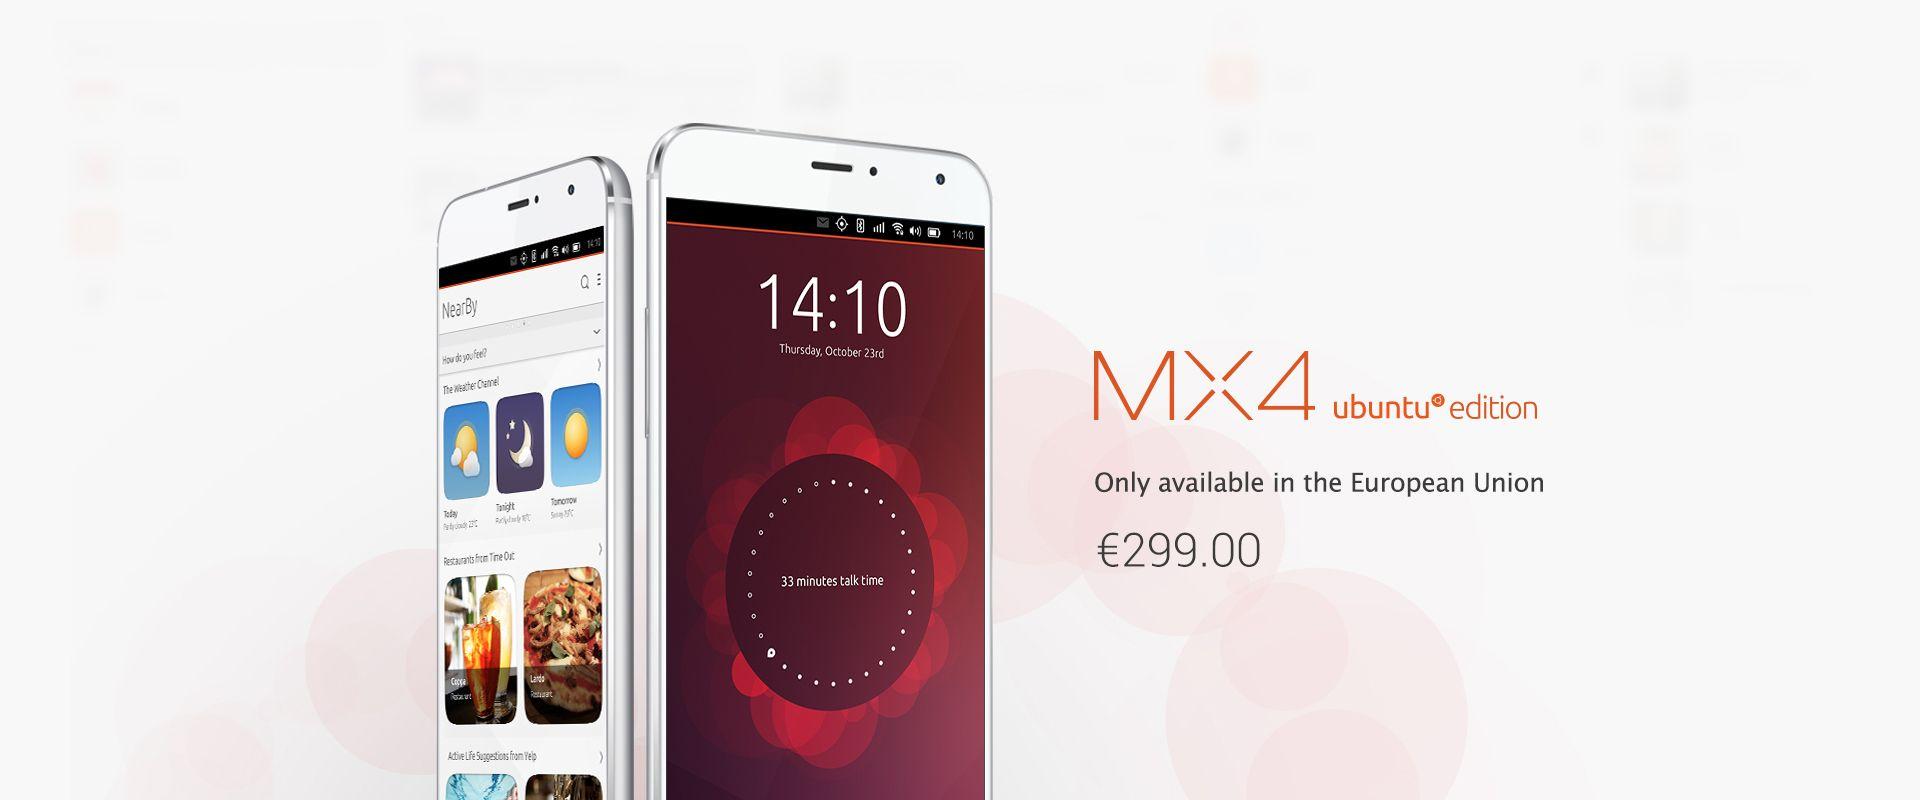 【売り切れ】中古のMeizu MX4 Ubuntu Editionが€ 211.00でebayにて販売中